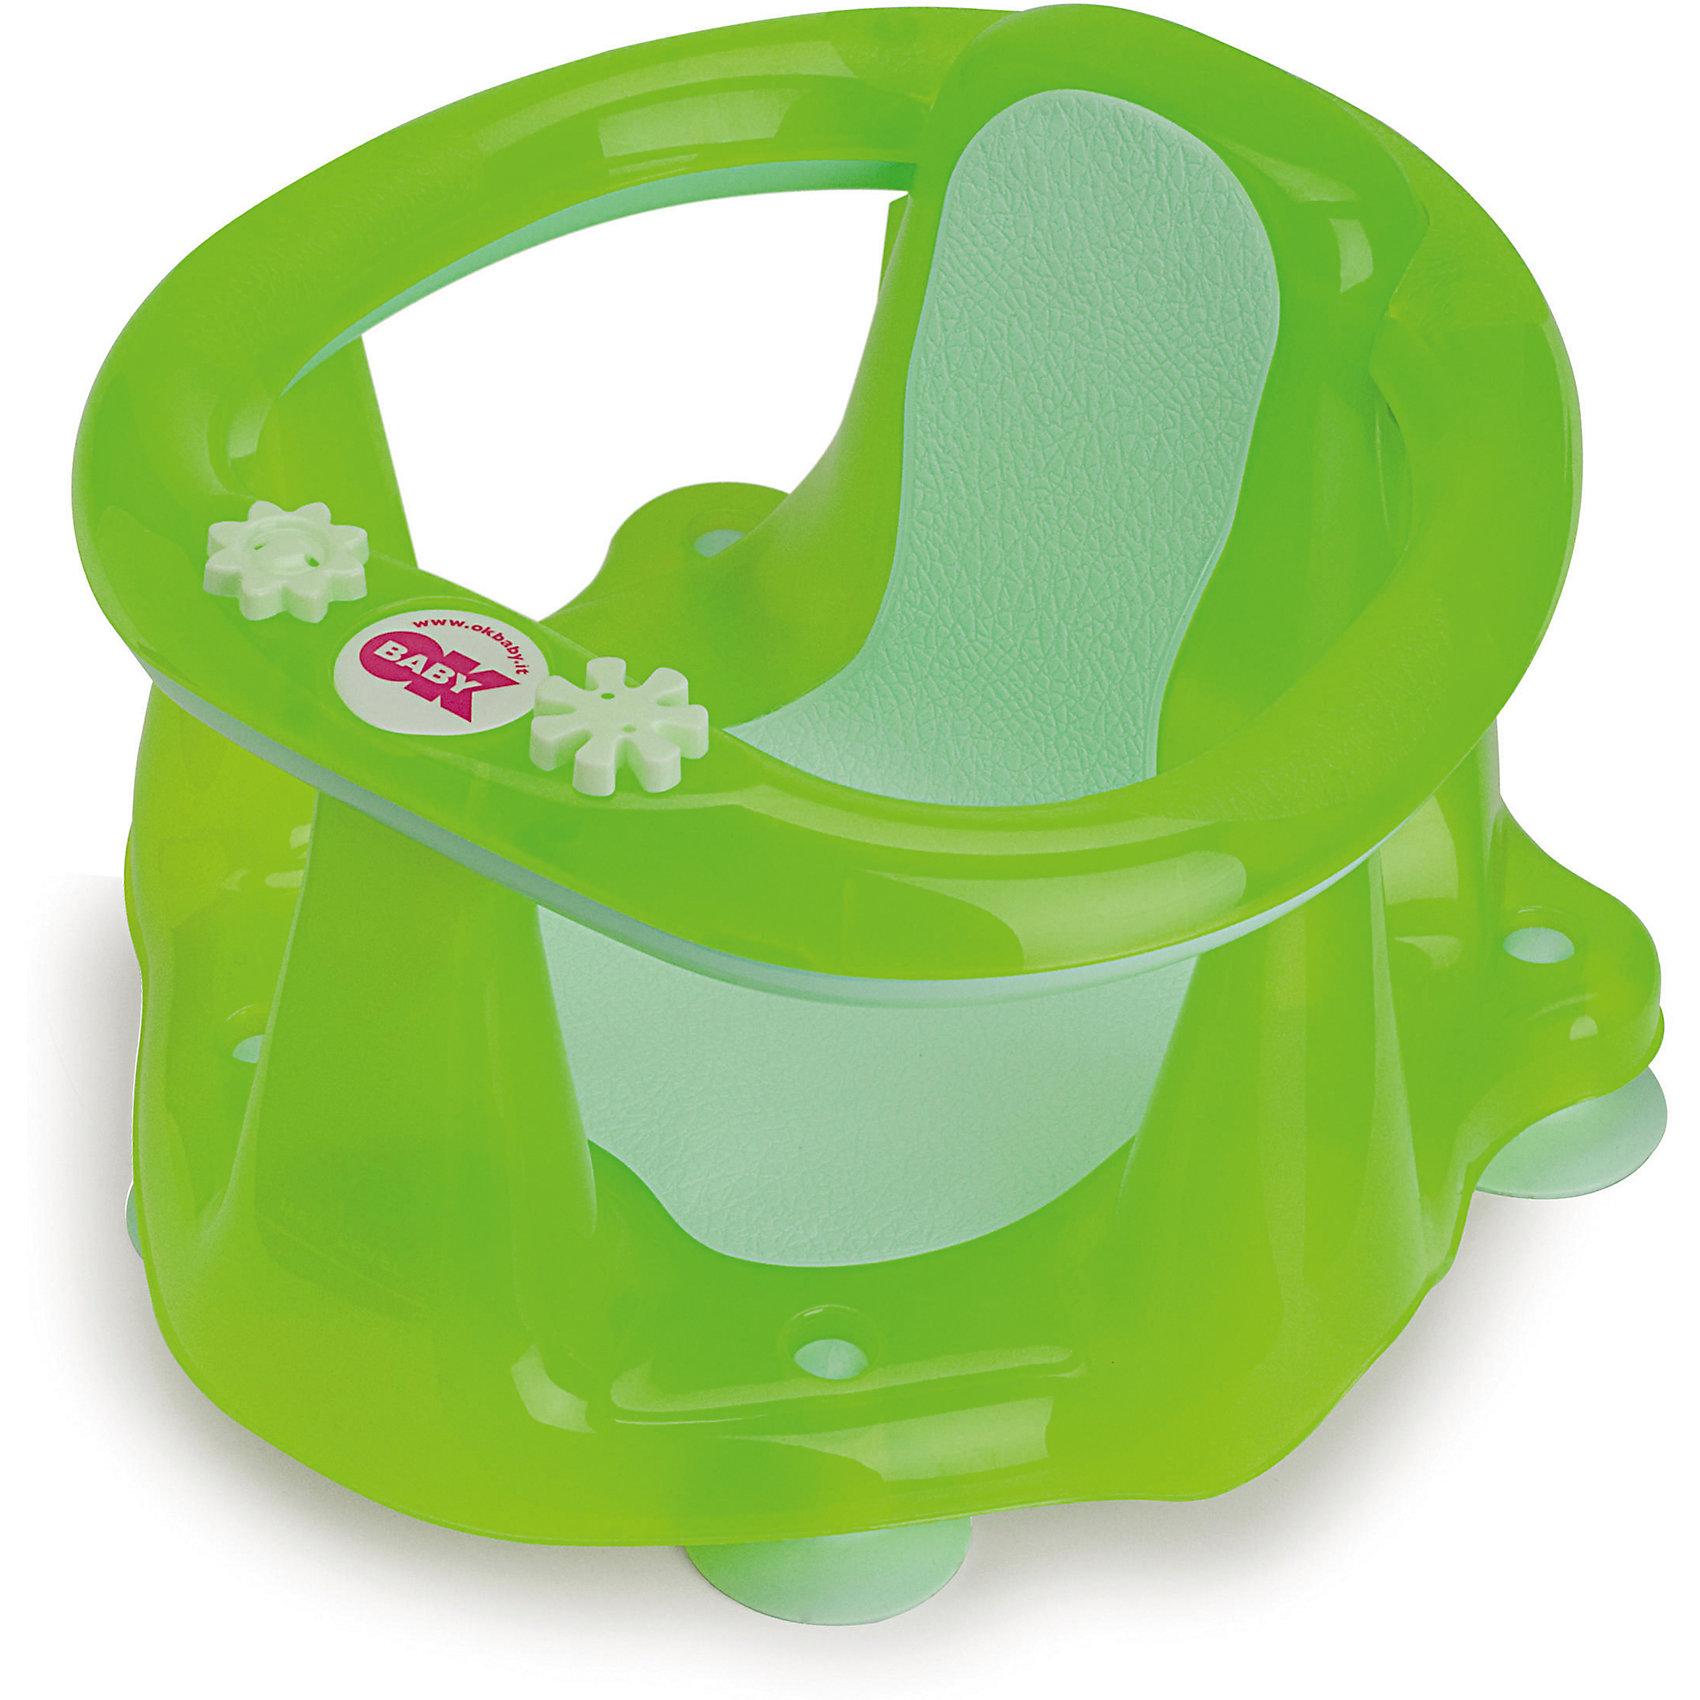 Сиденье в ванну Flipper Evolution, OK Baby, зеленыйВанны, горки, сиденья<br>Малыши обожают плескаться в ванне, при этом мысль о безопасности маленького непоседы не покидает ни одну маму. Сиденье в ванну Flipper Evolution мягко удержит кроху в положении сидя, обеспечив максимальный комфорт и безопасность. Стул выполнен из высококачественных материалов, имеет анти-скользящее покрытие, края покрытые резиной. Яркий дизайн сиденья обязательно понравится малышам. <br><br>Дополнительная информация:<br><br>- Материал: пластик, резина.<br>- Размер: 38x24x36  см.<br>- Максимальный вес ребенка: 13 кг.<br>- Анатомическая форма. <br>- Анти-скользящее покрытие. <br>- Яркий, привлекательный дизайн. <br><br>Сиденье в ванну Flipper Evolution, OK Baby, зеленое, можно купить в нашем магазине.<br><br>Ширина мм: 380<br>Глубина мм: 360<br>Высота мм: 240<br>Вес г: 1200<br>Возраст от месяцев: 6<br>Возраст до месяцев: 216<br>Пол: Унисекс<br>Возраст: Детский<br>SKU: 4443721